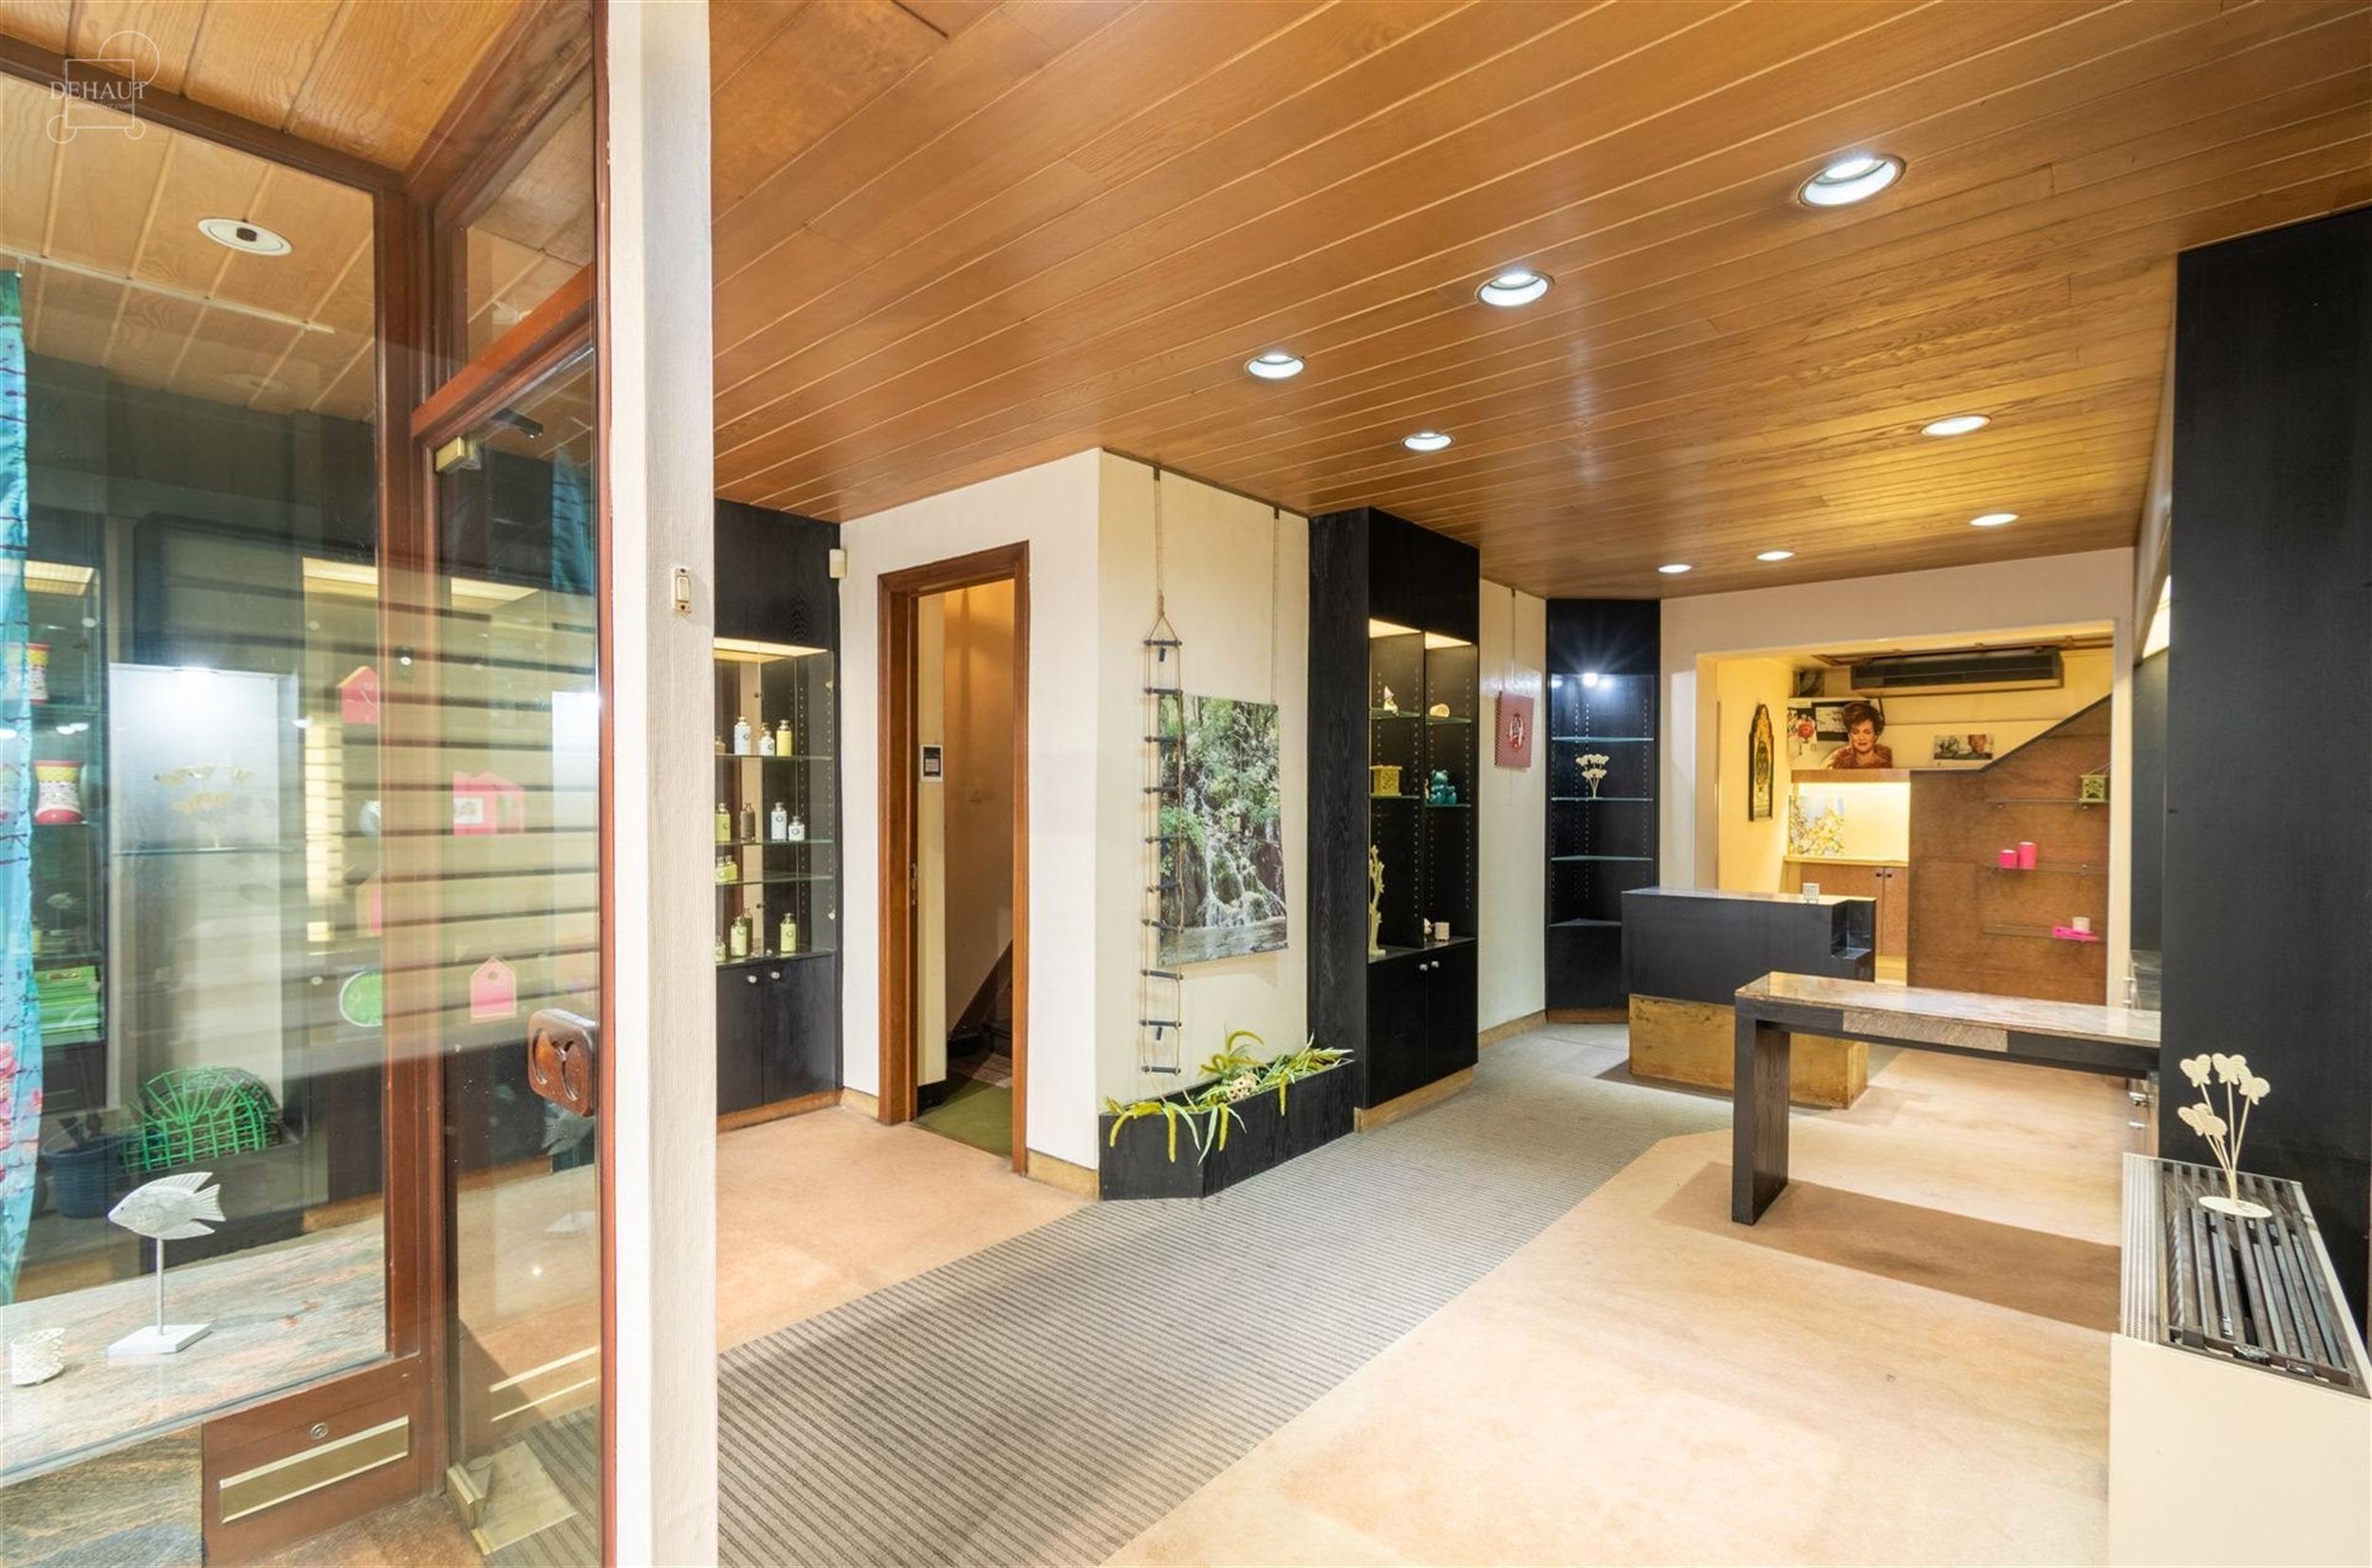 Immeuble mixte situé en centre-ville de COMINES composé d'une spacieuse surface commerciale vitrée d'env. 55m² avec bureau au rez-de-chaussée et ...